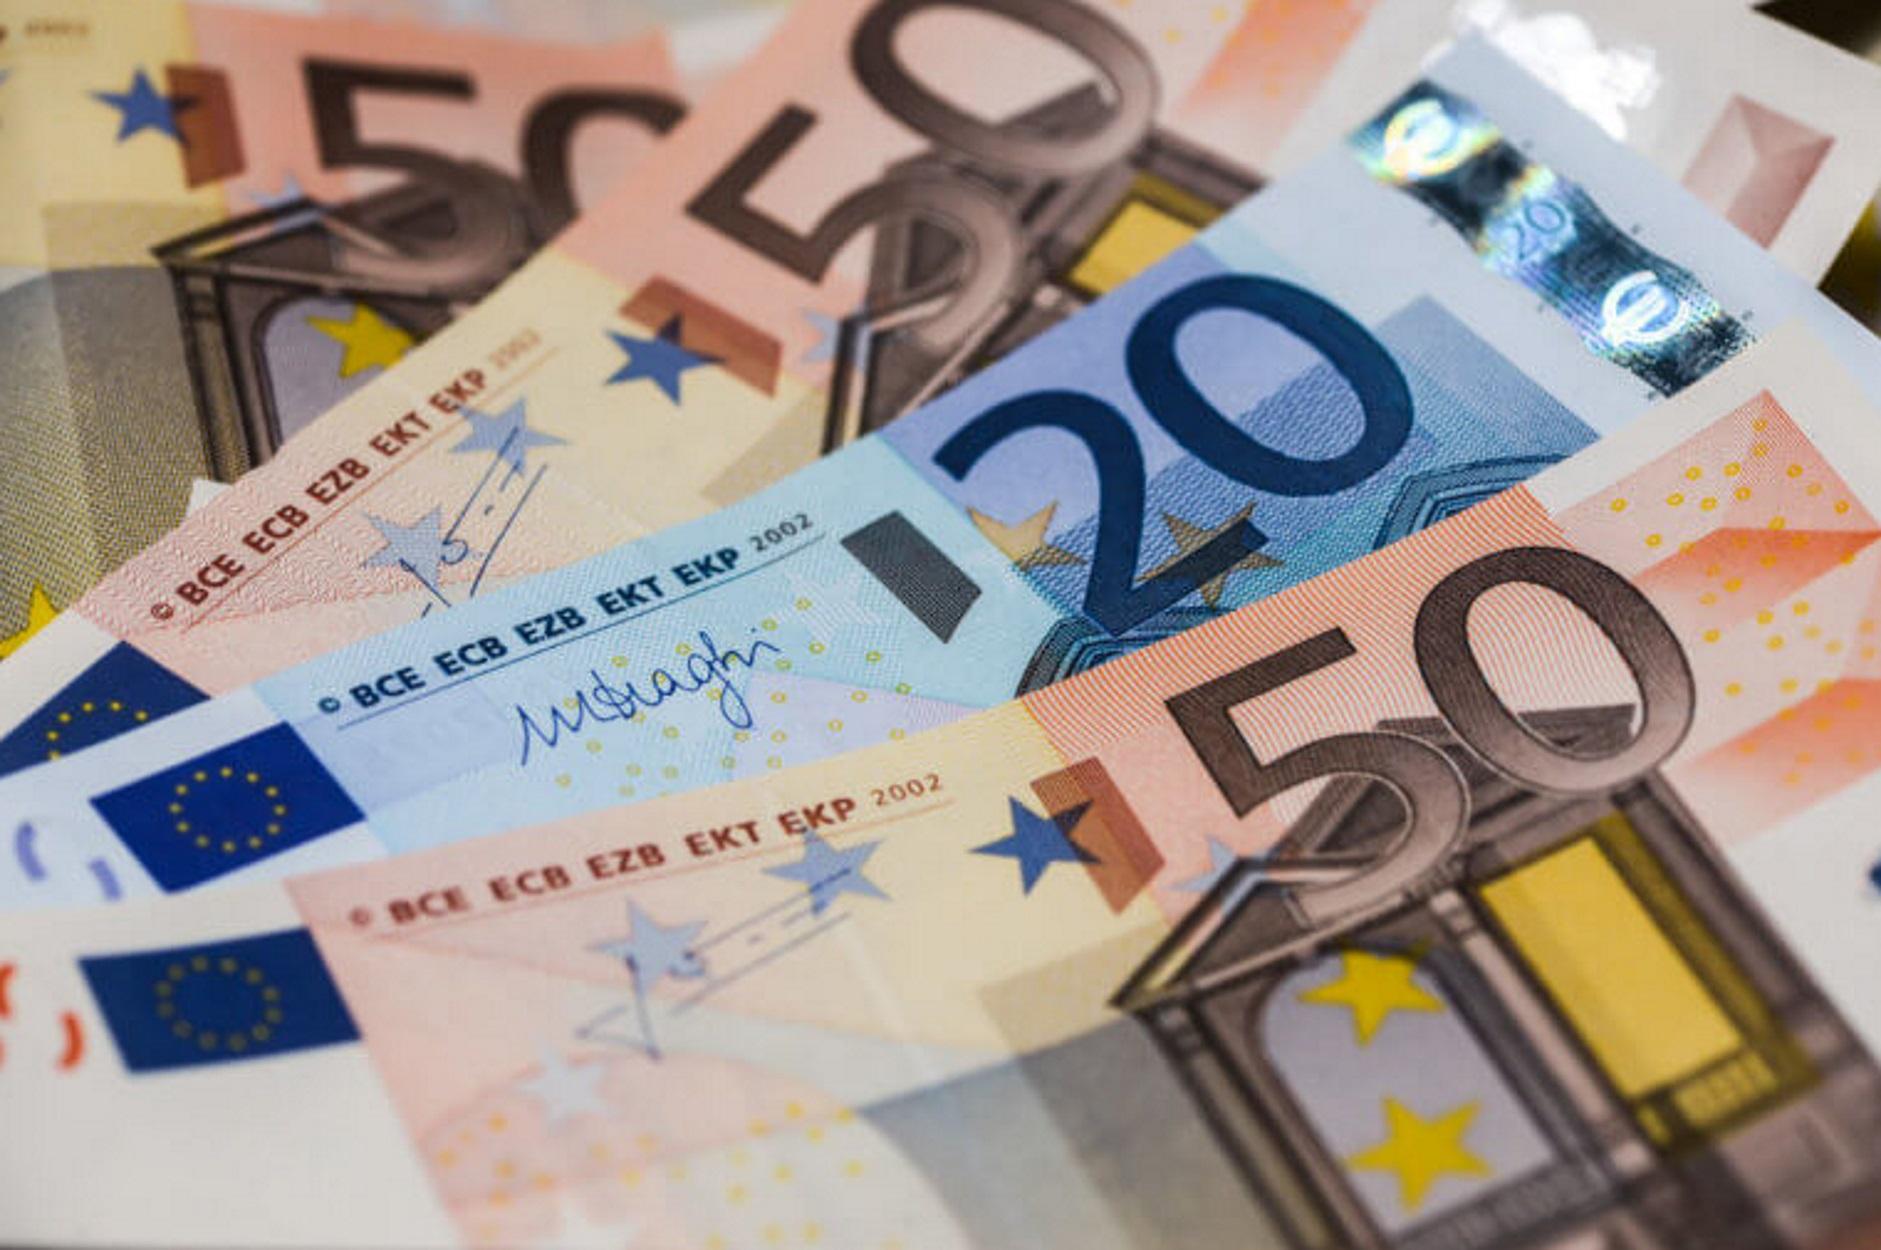 Έκτακτη επιδότηση 3.000 ευρώ ανά επιχείρηση και 1.000 ευρώ ανά εργαζόμενο